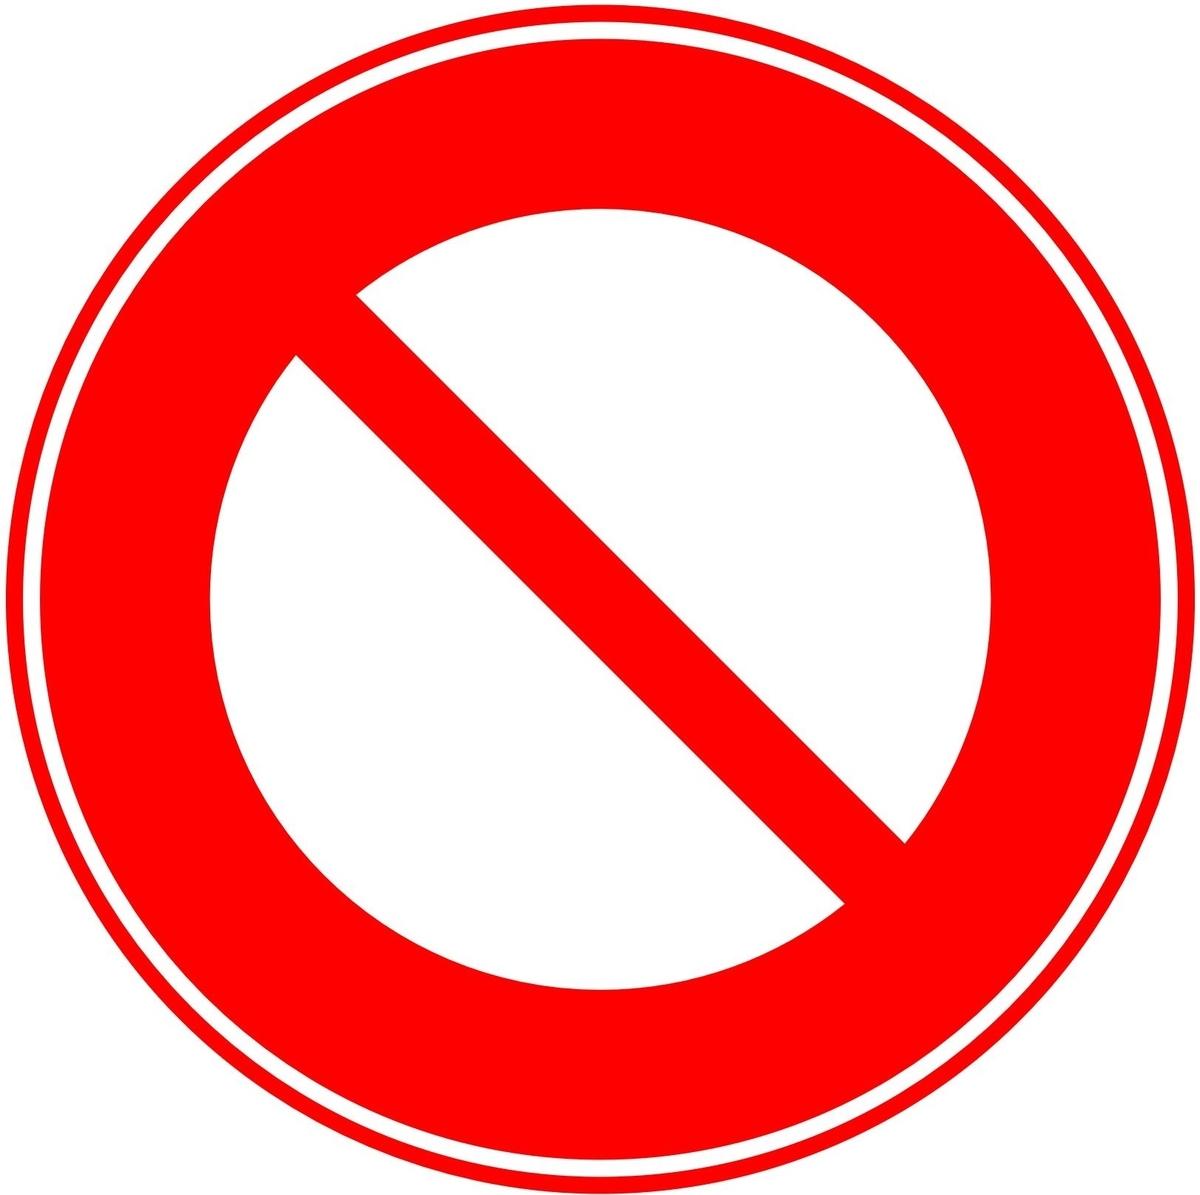 車両通行止めの標識